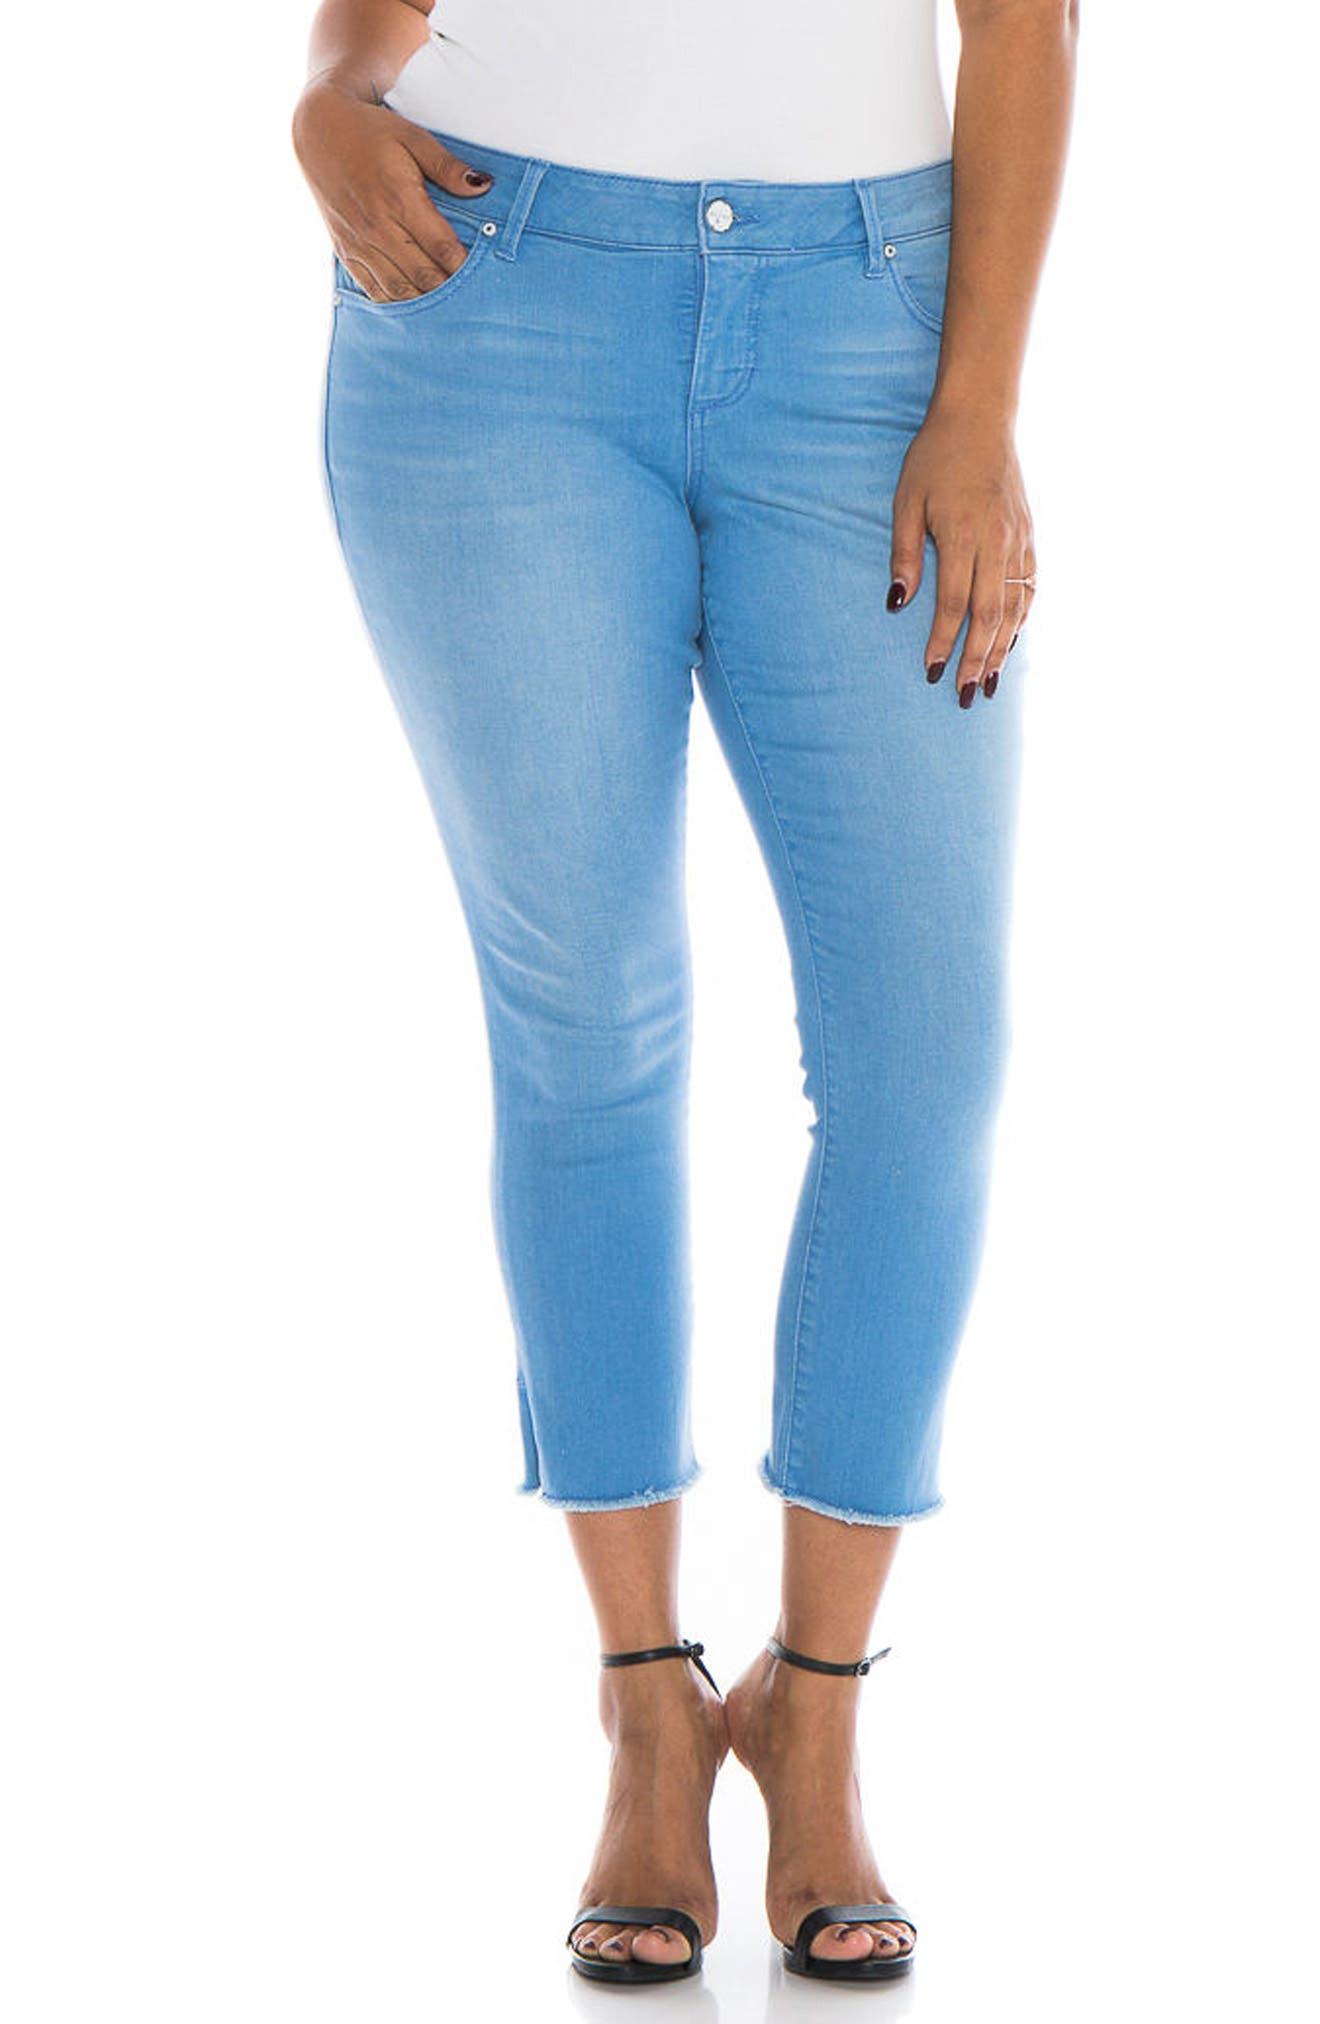 SLINK JEANS,                             Fray Hem Crop Skinny Jeans,                             Main thumbnail 1, color,                             453